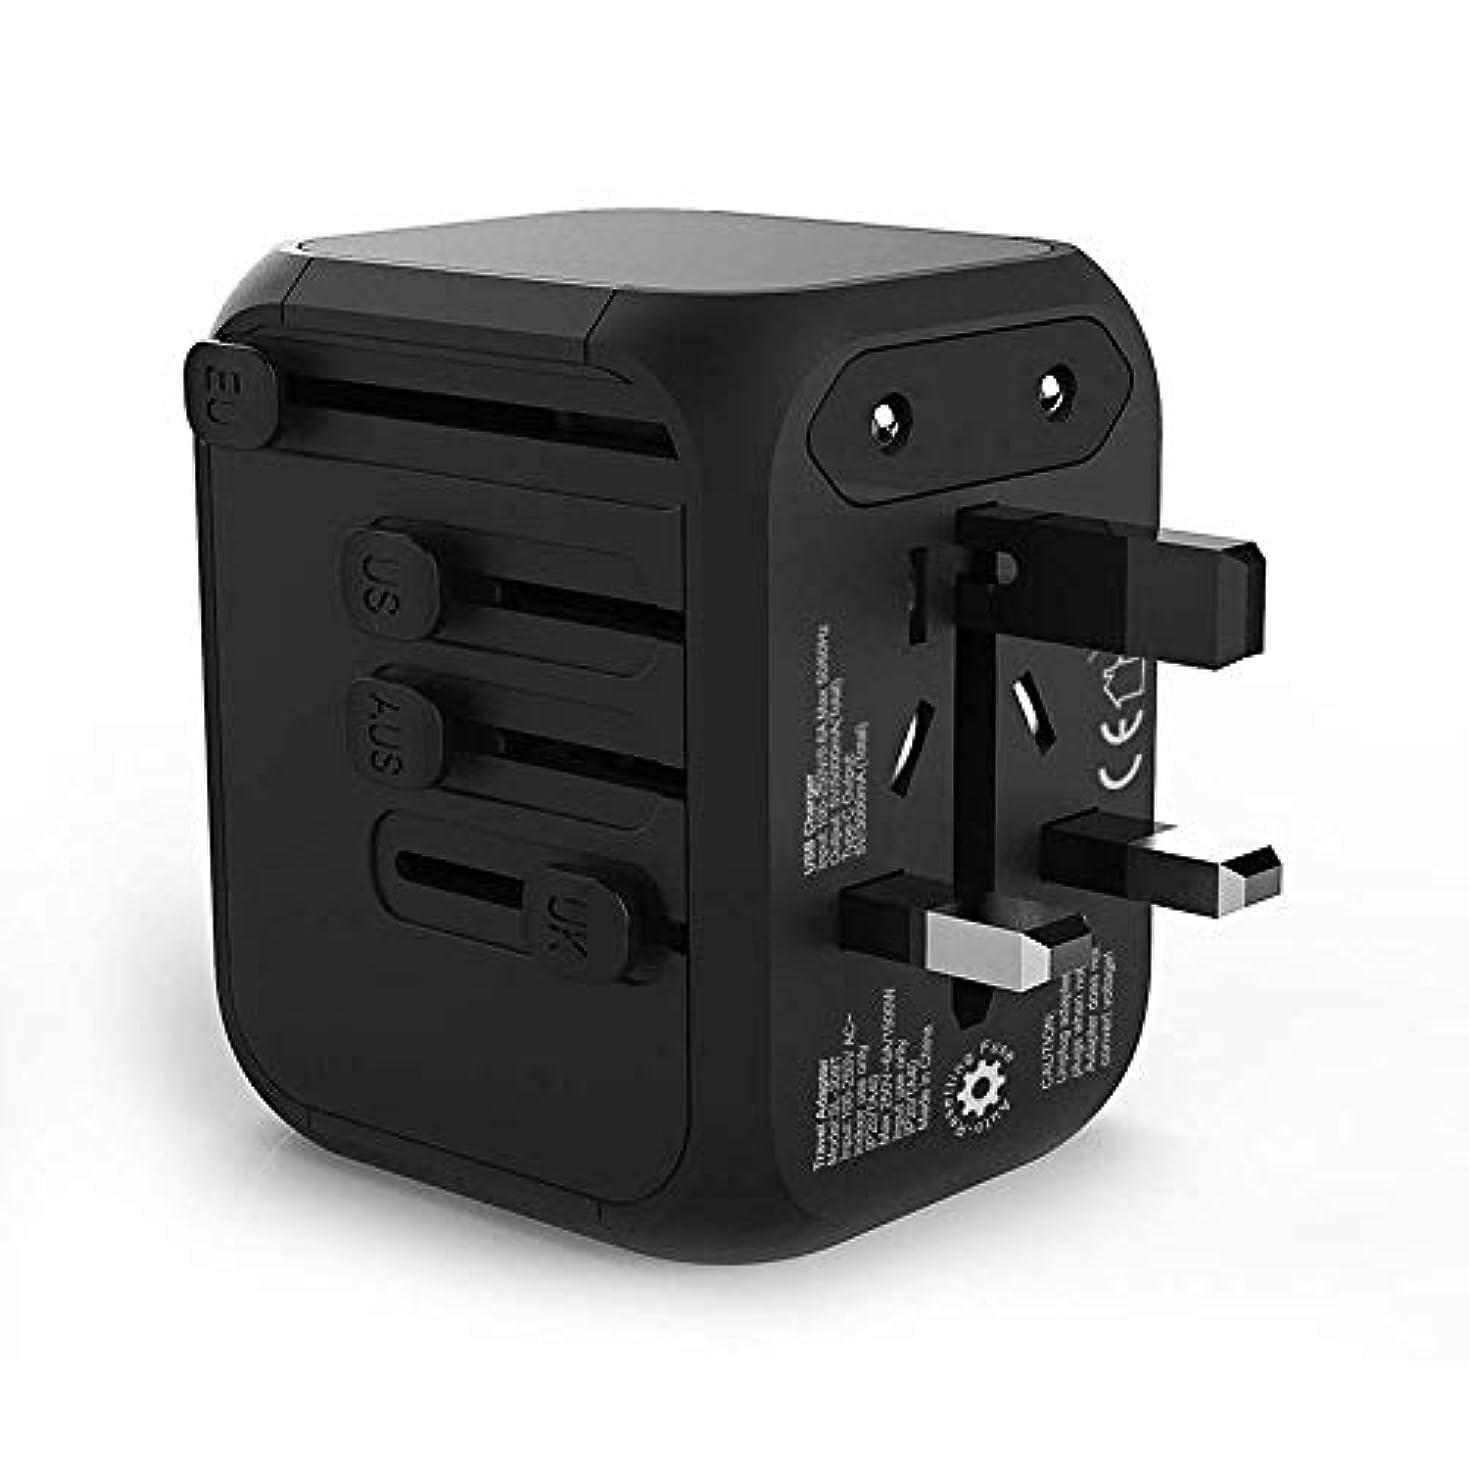 メロンカロリー一致USB充電器プラグ、各国用ソケット穴、ウォールチャージャー、5.0A、1Type-c、3ポートUSBプラグ充電器、iOS、iPad、タブレット、パワーバンク、ホーム、オフィス、ブラック用